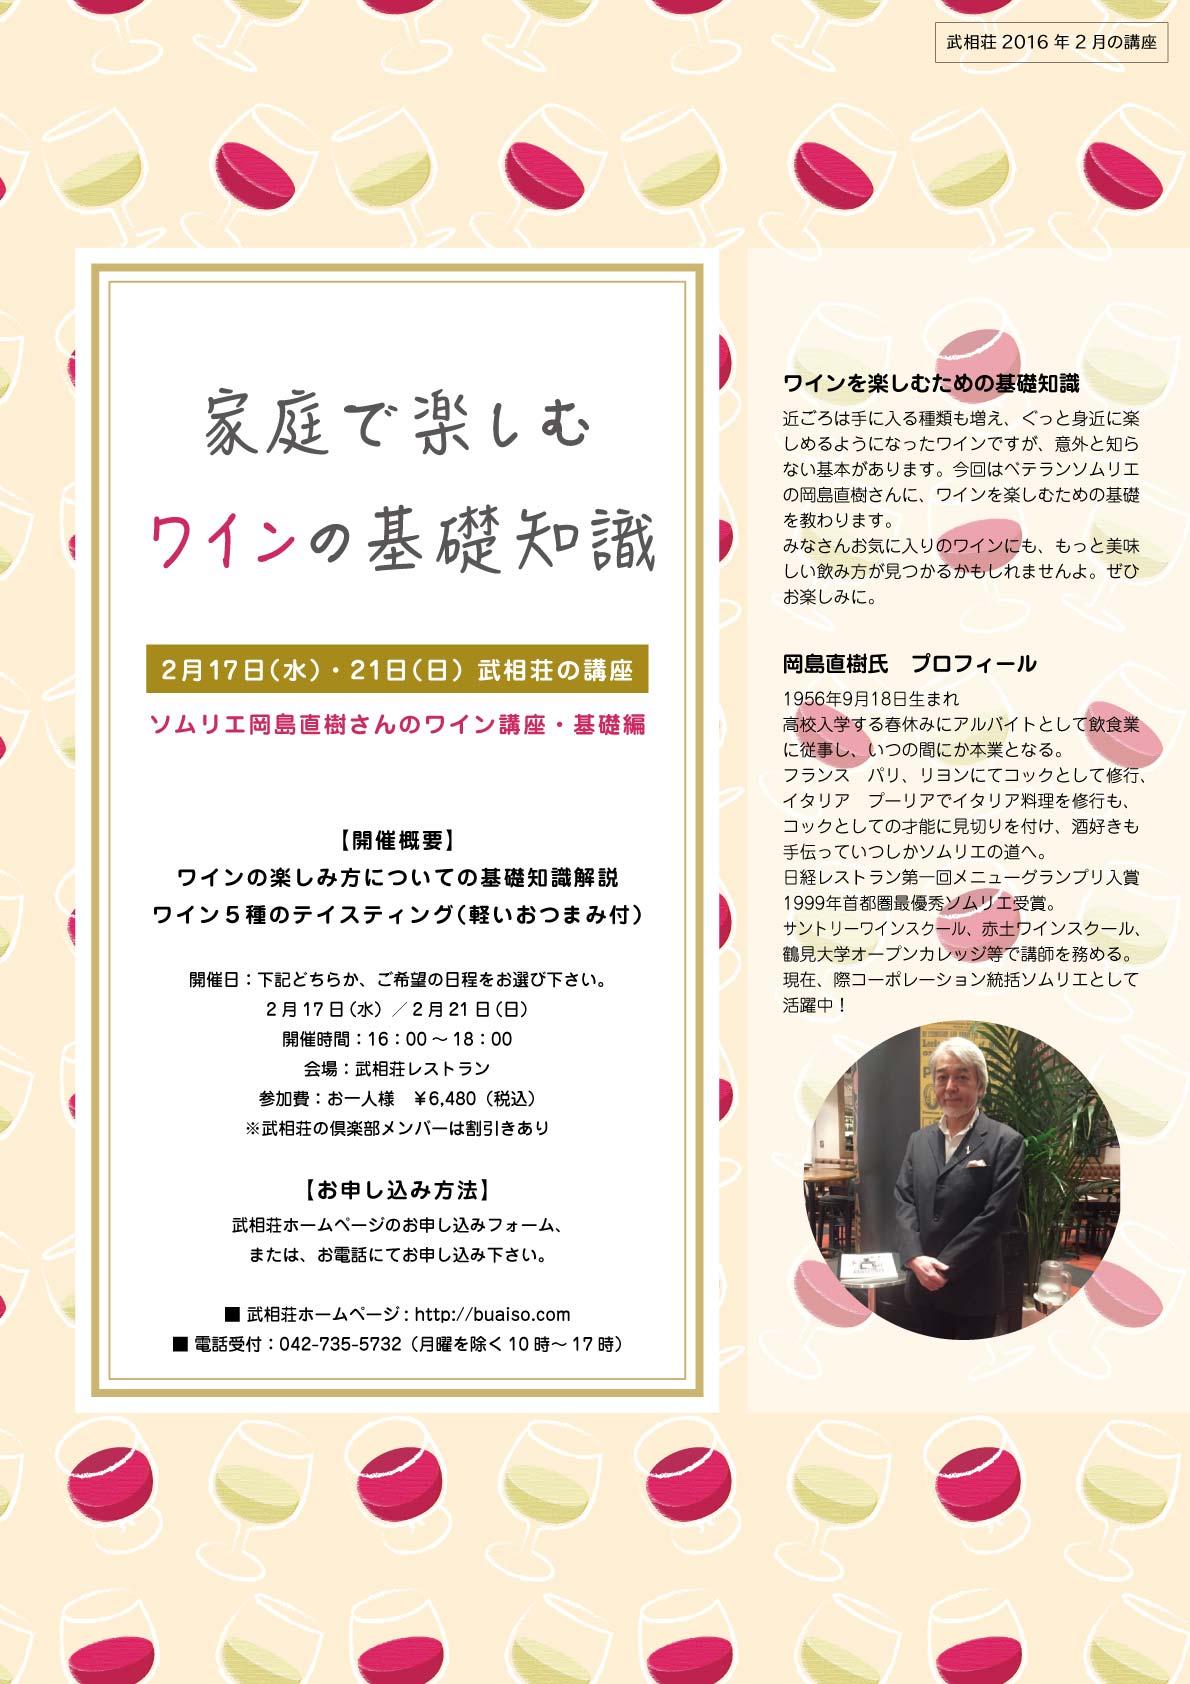 家庭で楽しむワインの基礎知識 武相荘の講座2016年2月